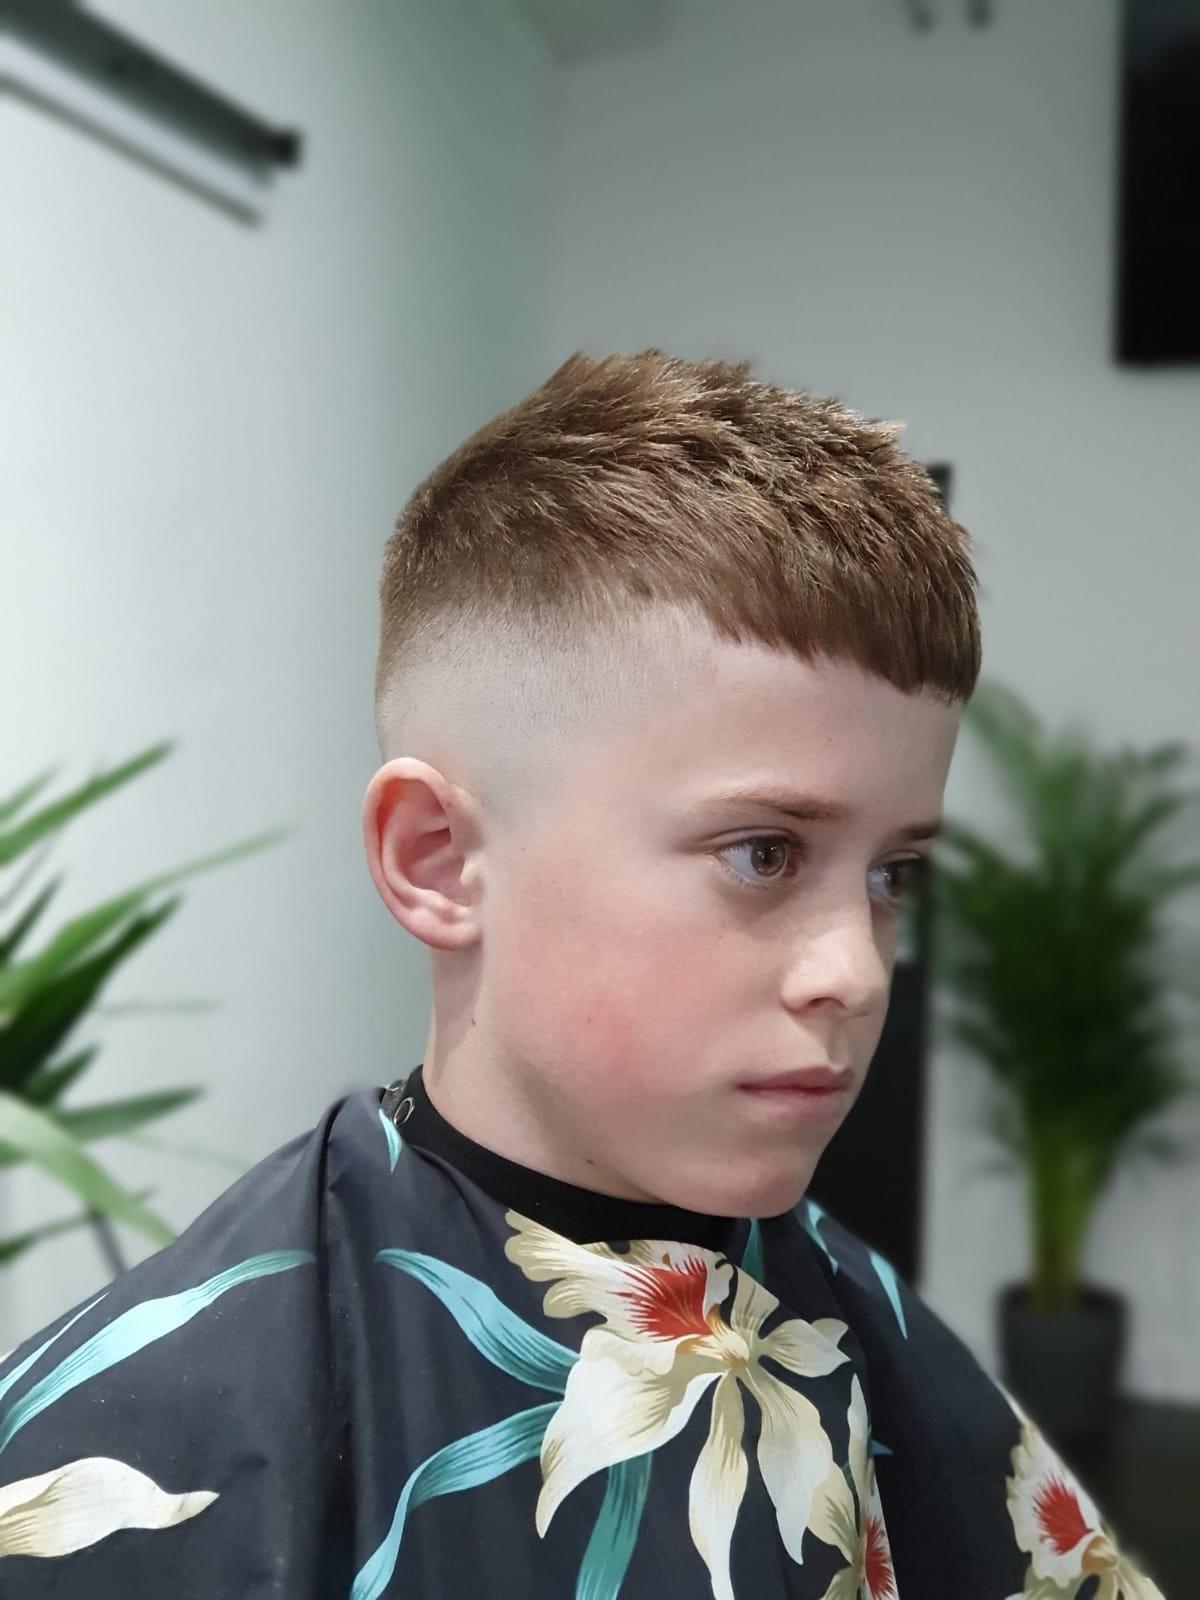 Kids Skin Fade (Under 14)